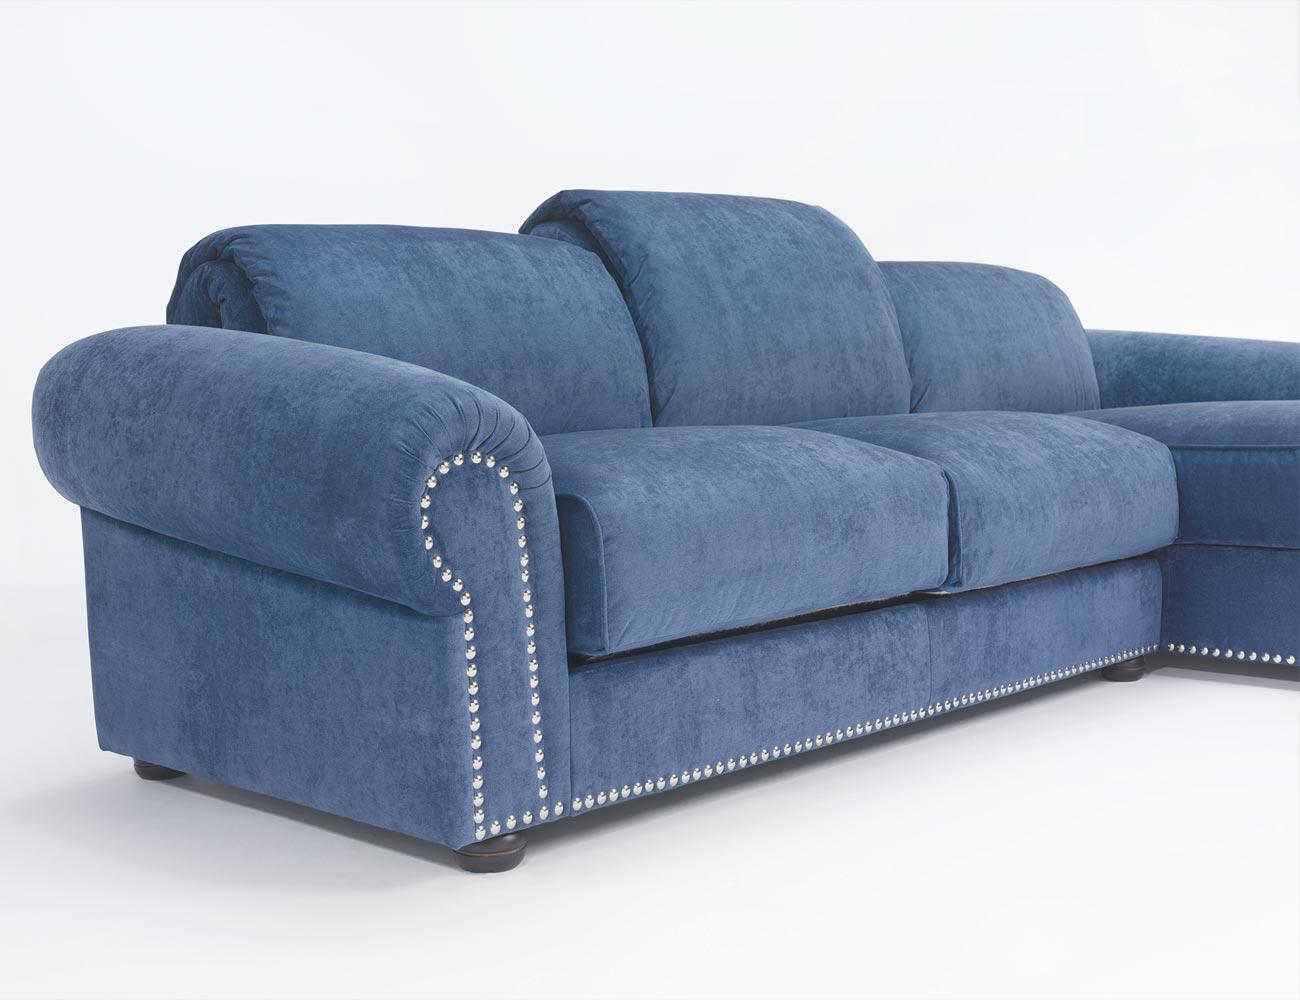 Sofa chaiselongue gran lujo decorativo azul 143